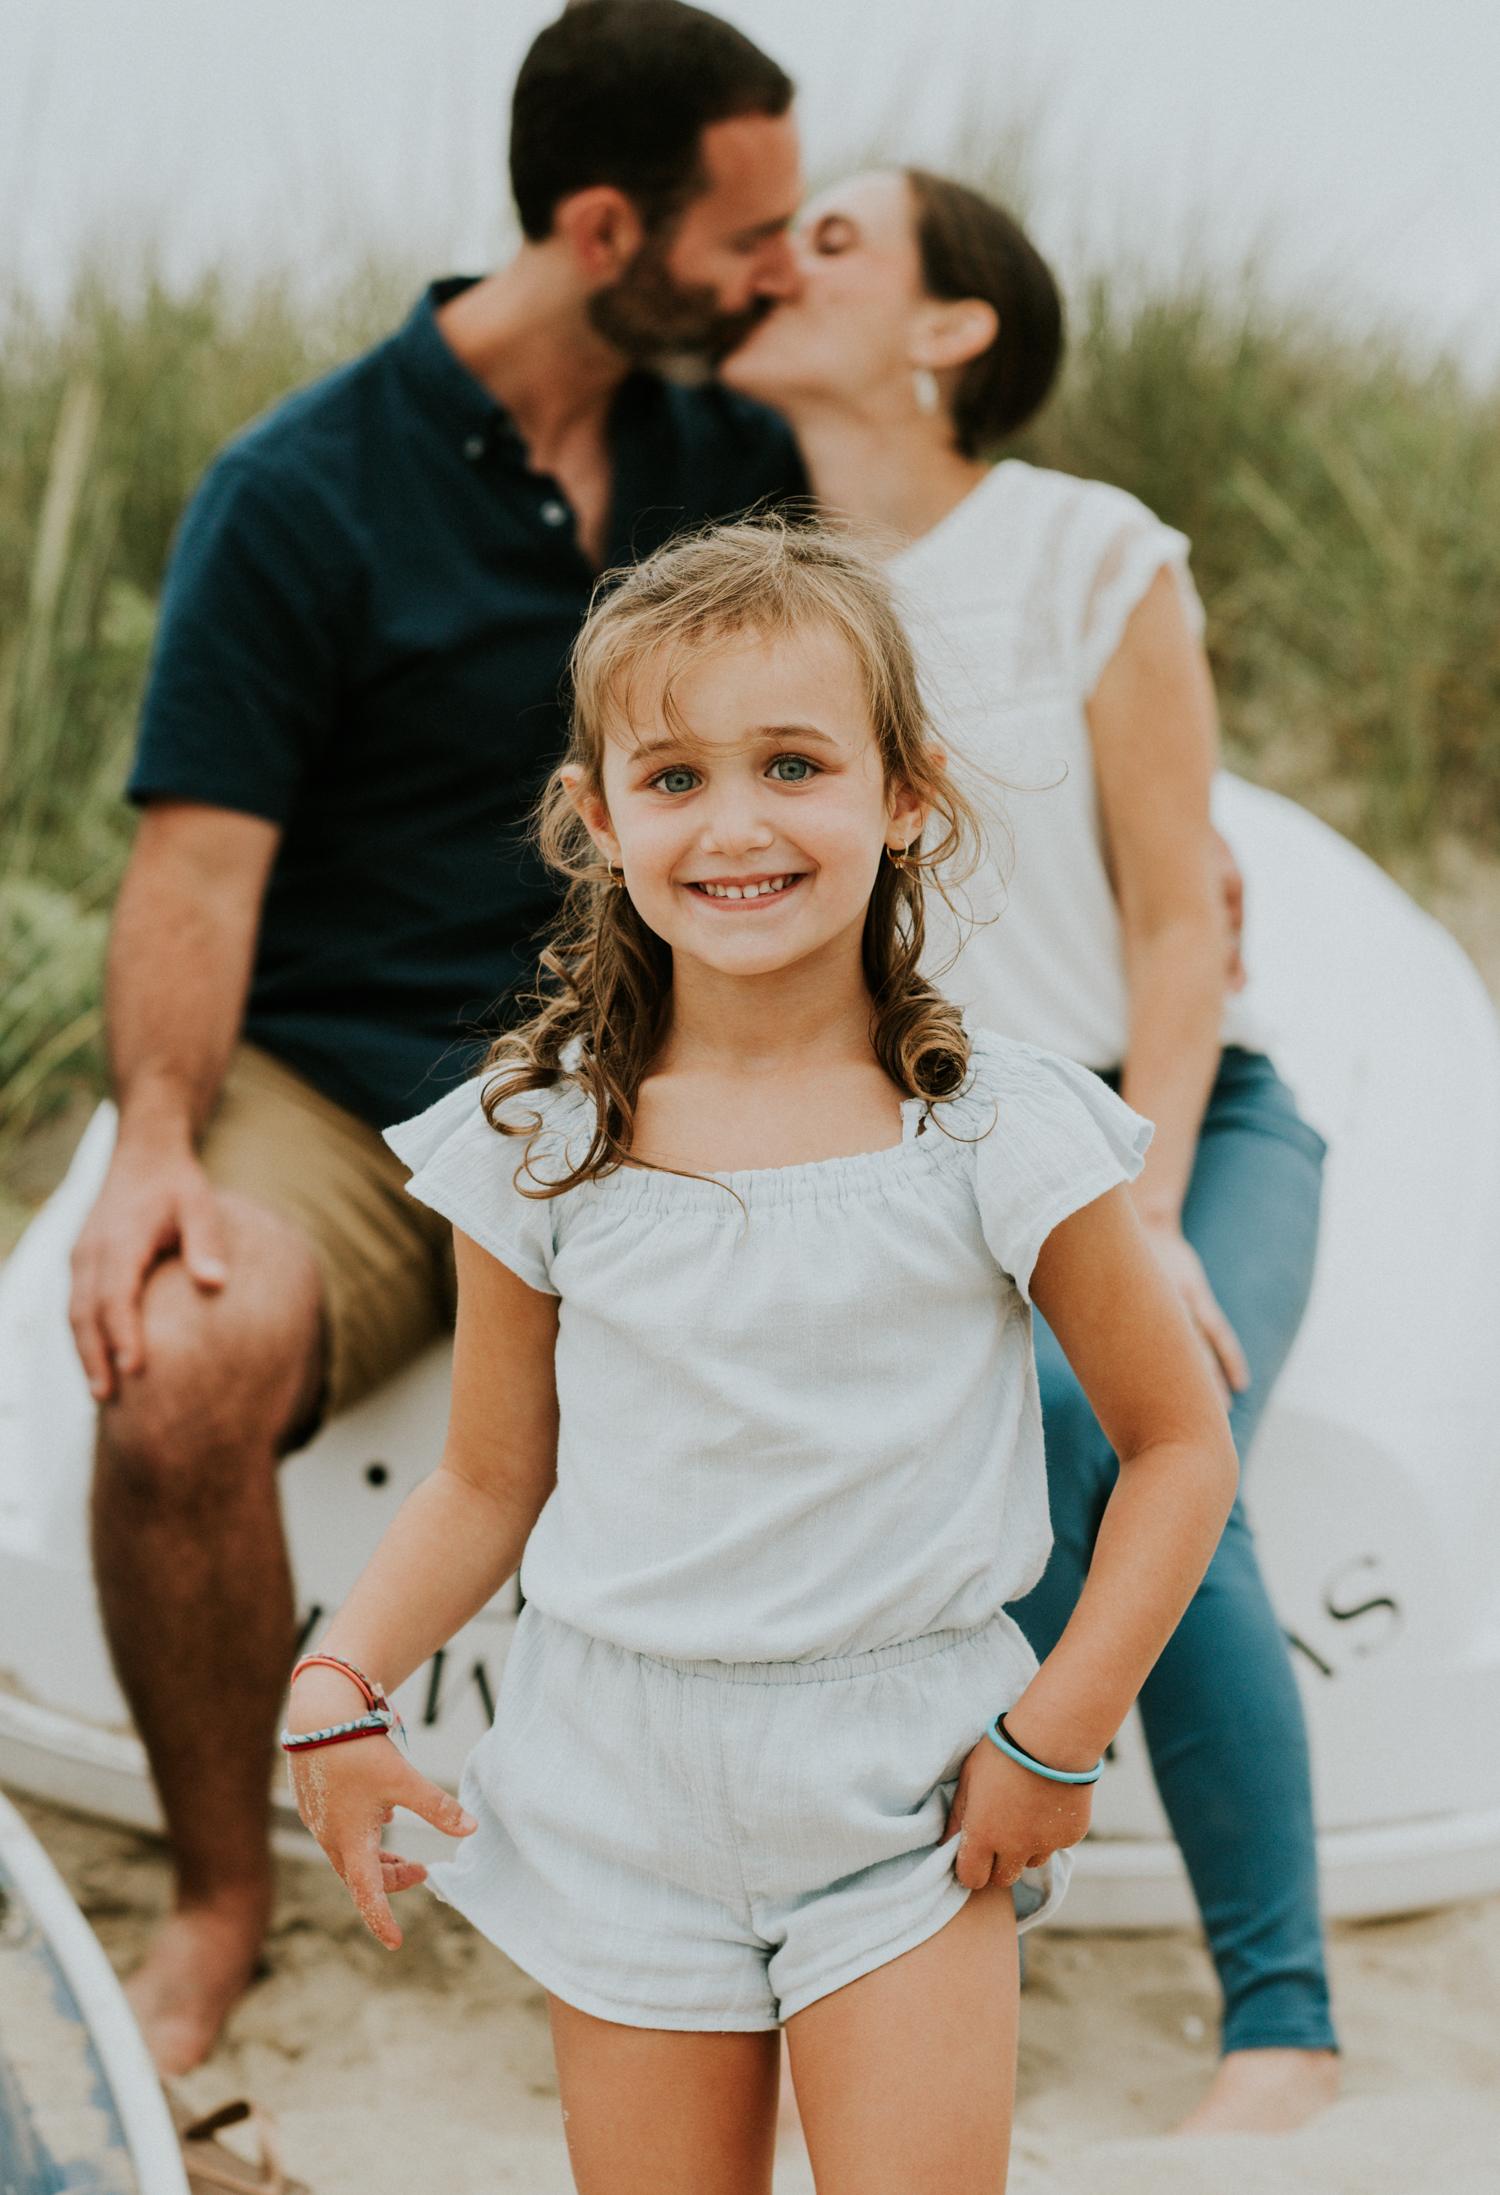 family_portrait_session_marthas_vineyard_photographer-15.jpg